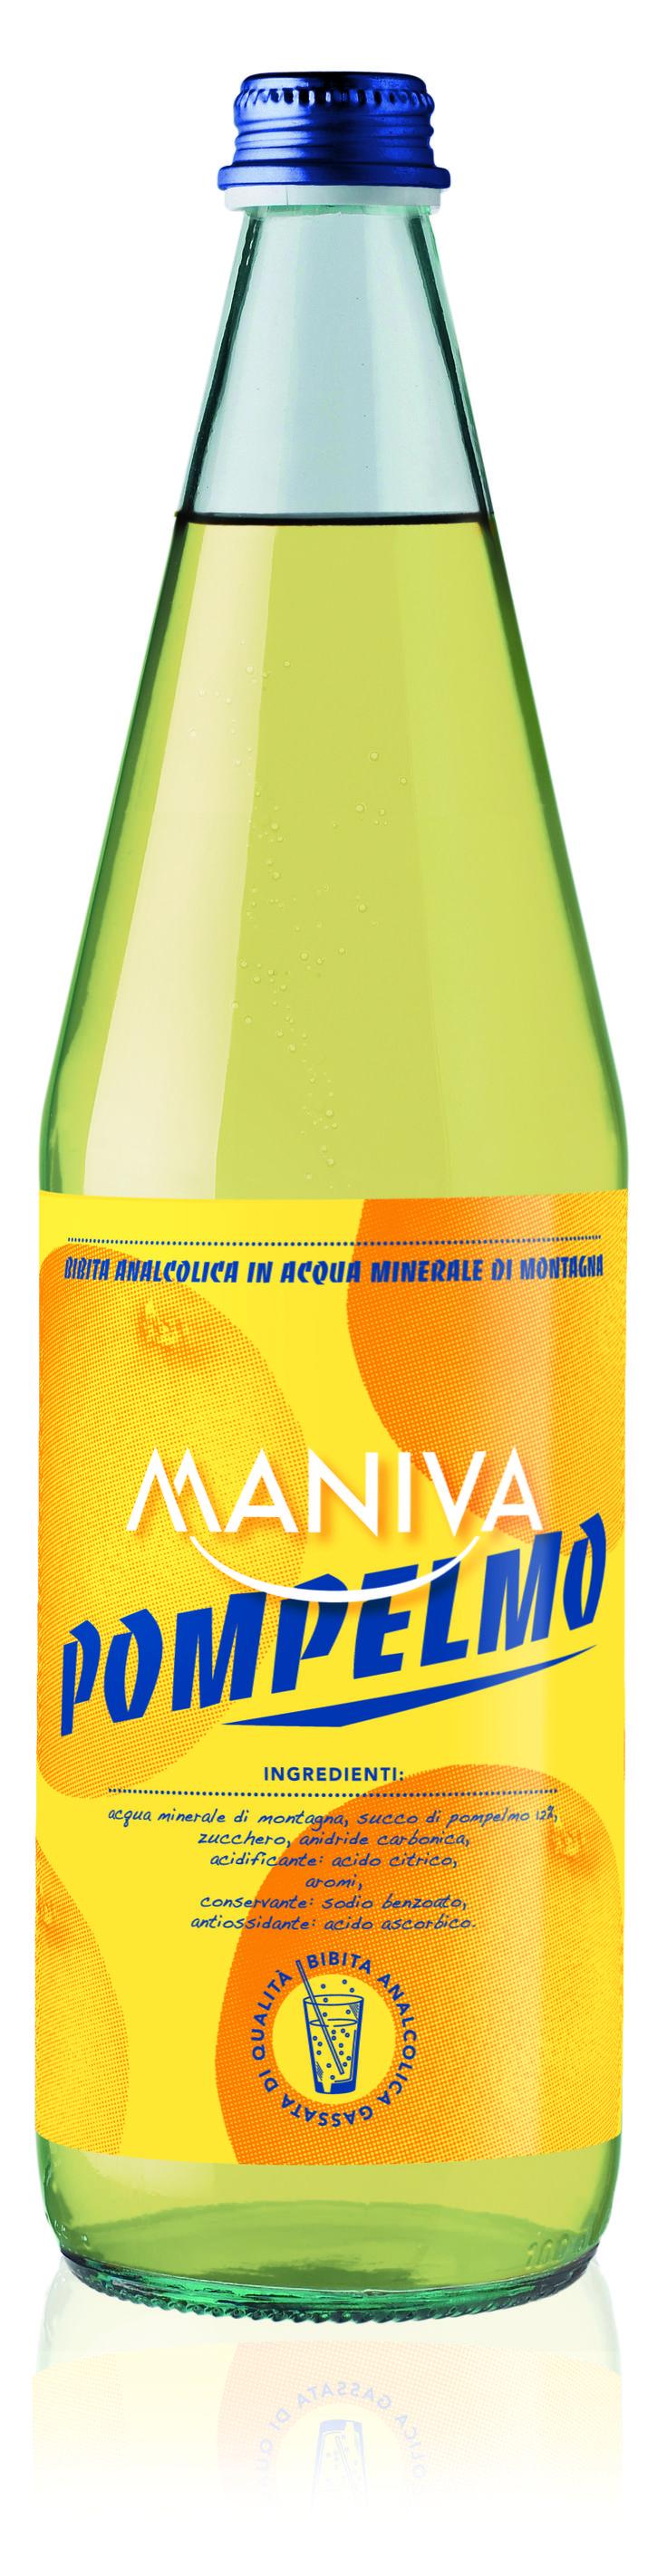 POMPELMO Bibita analcolica frizzante, di alta qualità garantita anche dalla leggera acqua minerale di montagna di cui è composta